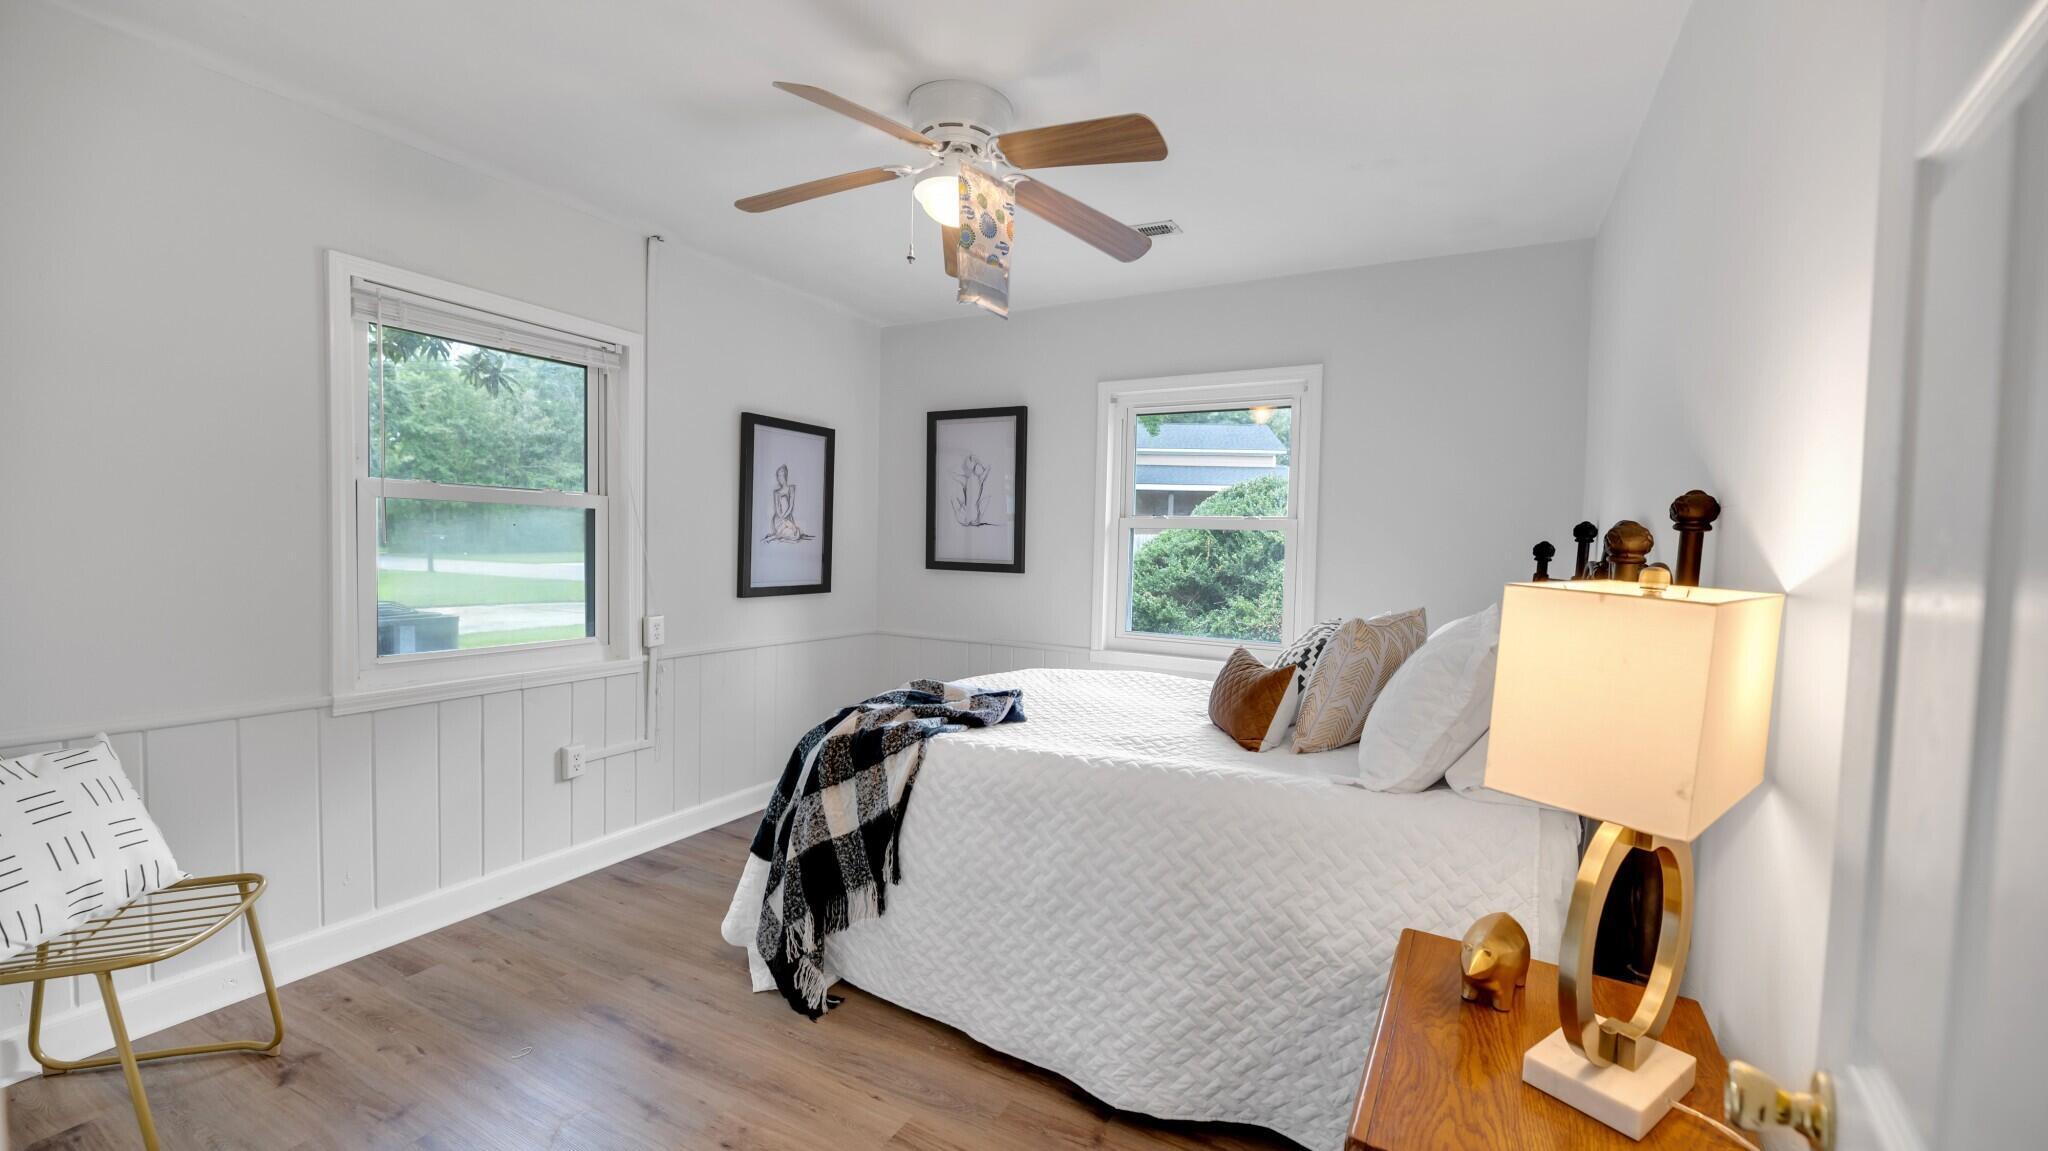 Camp Road Estates Homes For Sale - 825 Hale, Charleston, SC - 6